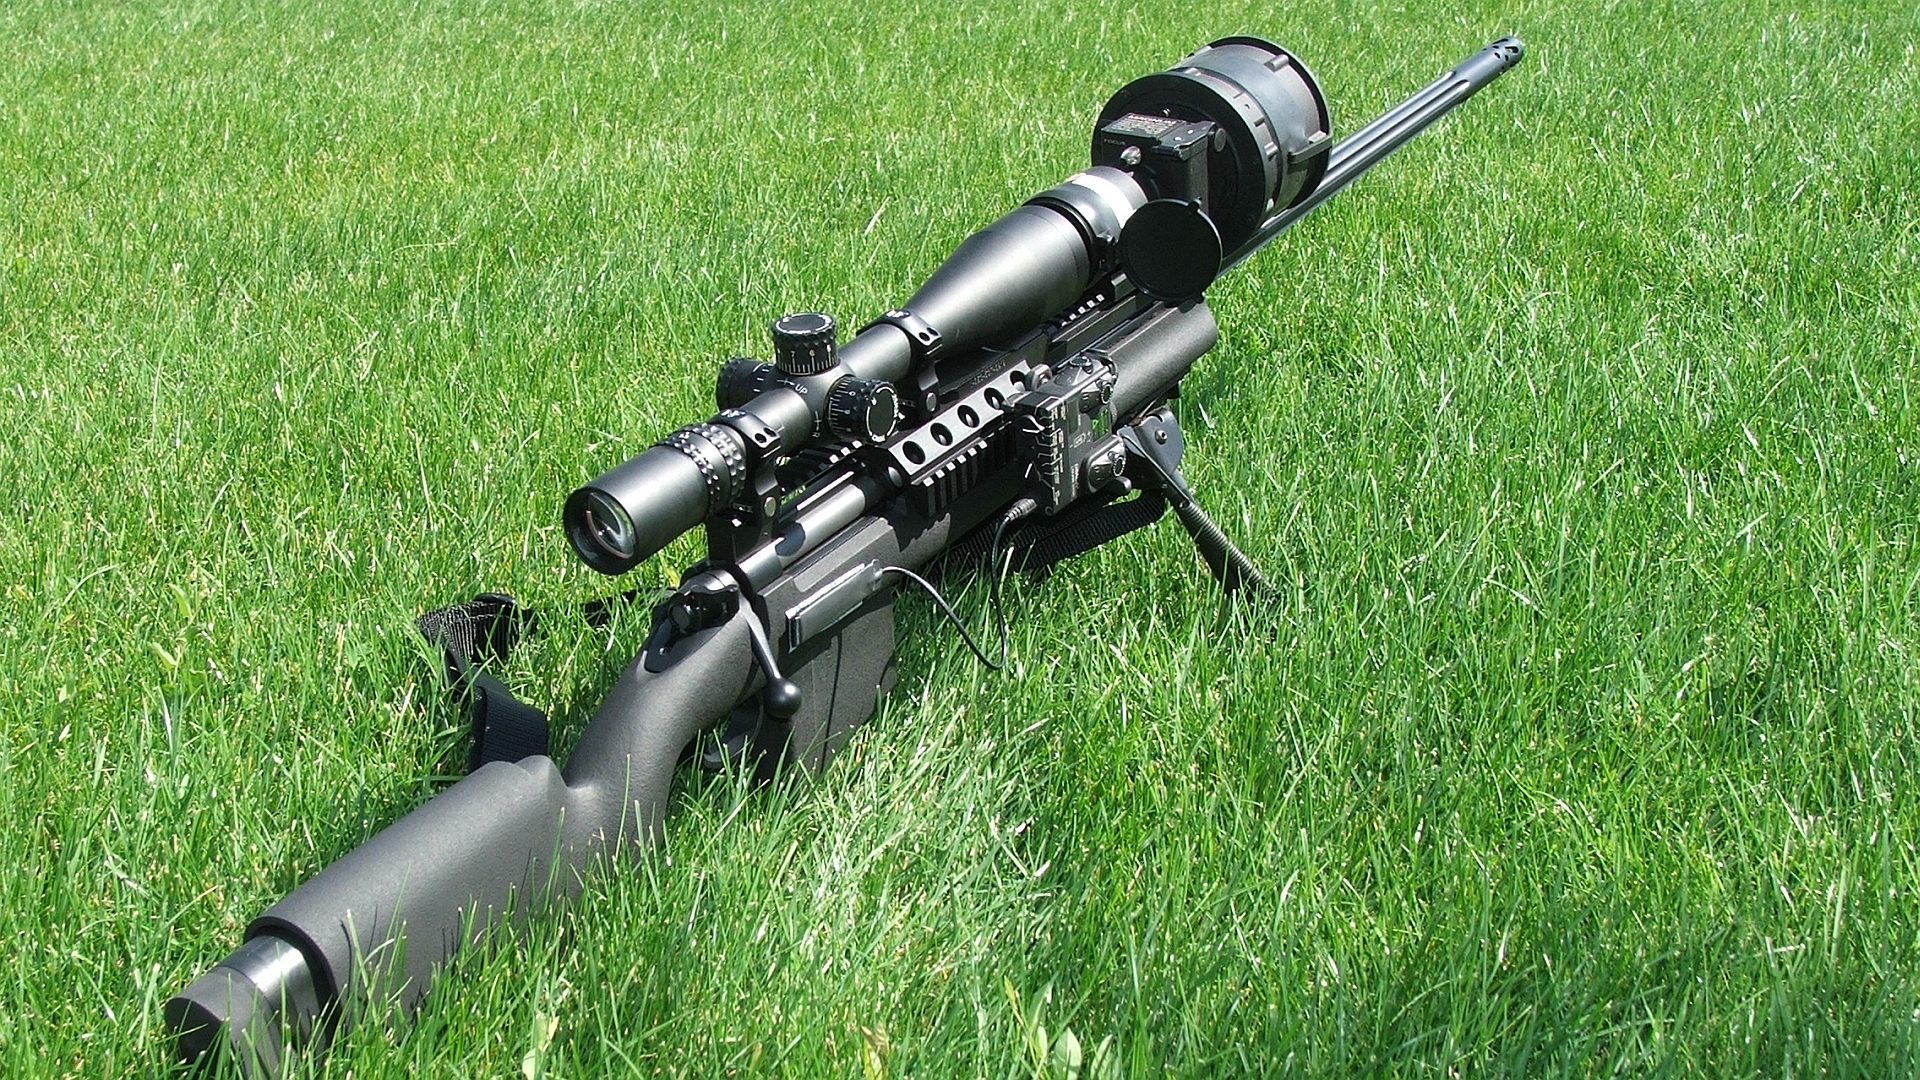 Sniper Rifle Wallpaper Hd 222393 1920x1080